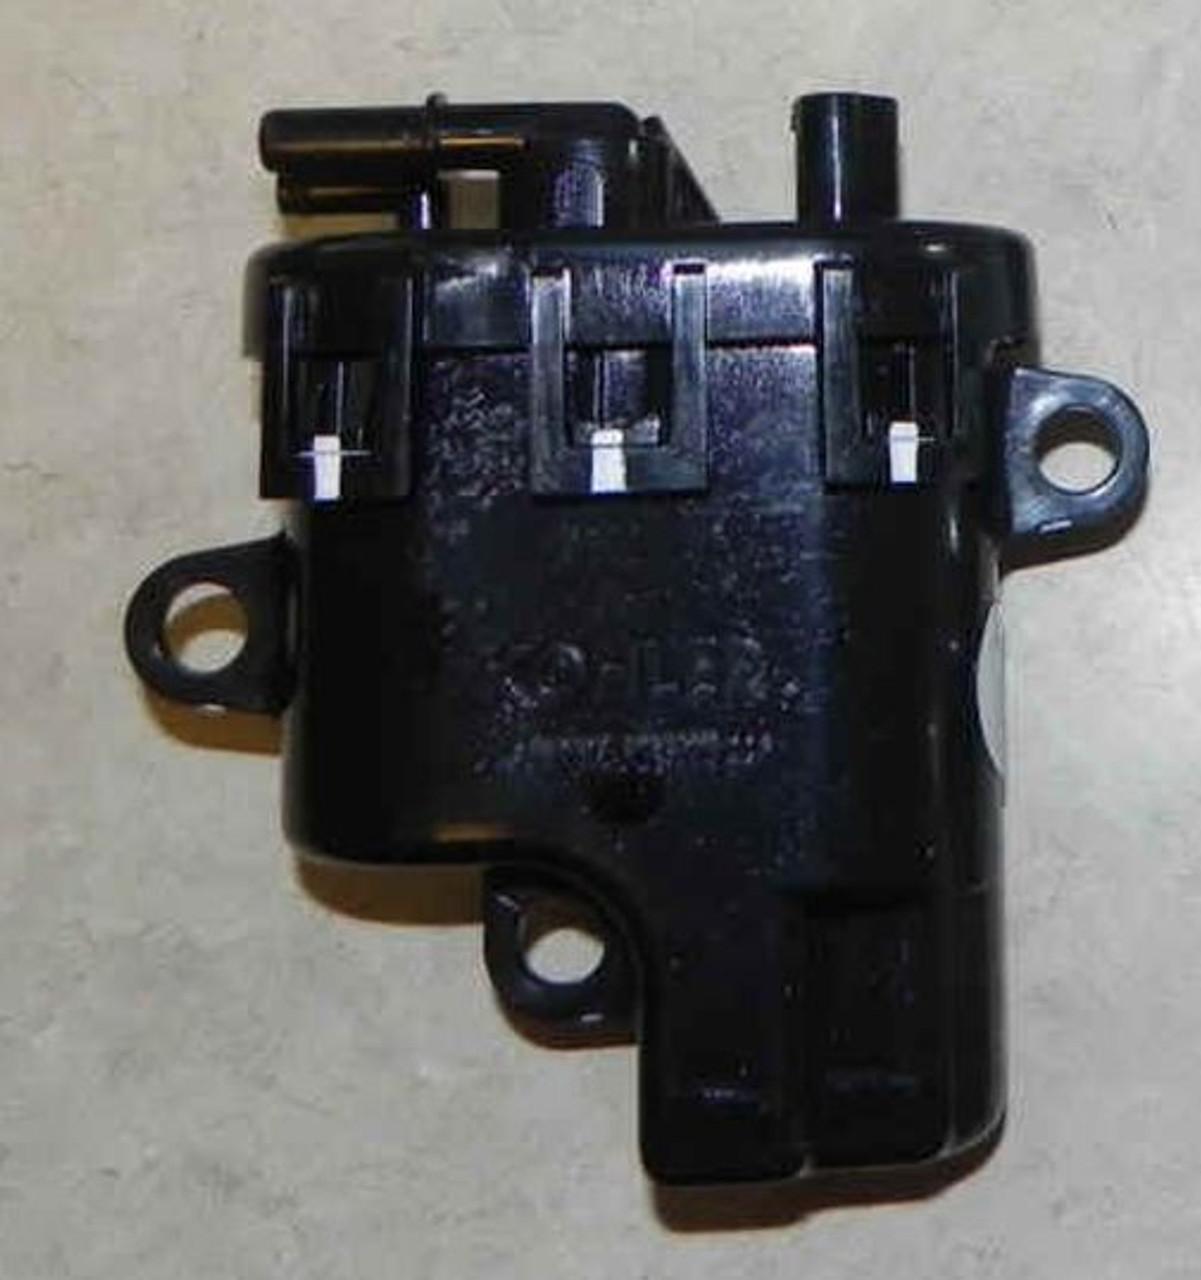 Kohler OEM Fuel Pump Module 2539314 2539316 2539316-S 1975524 1975524-S